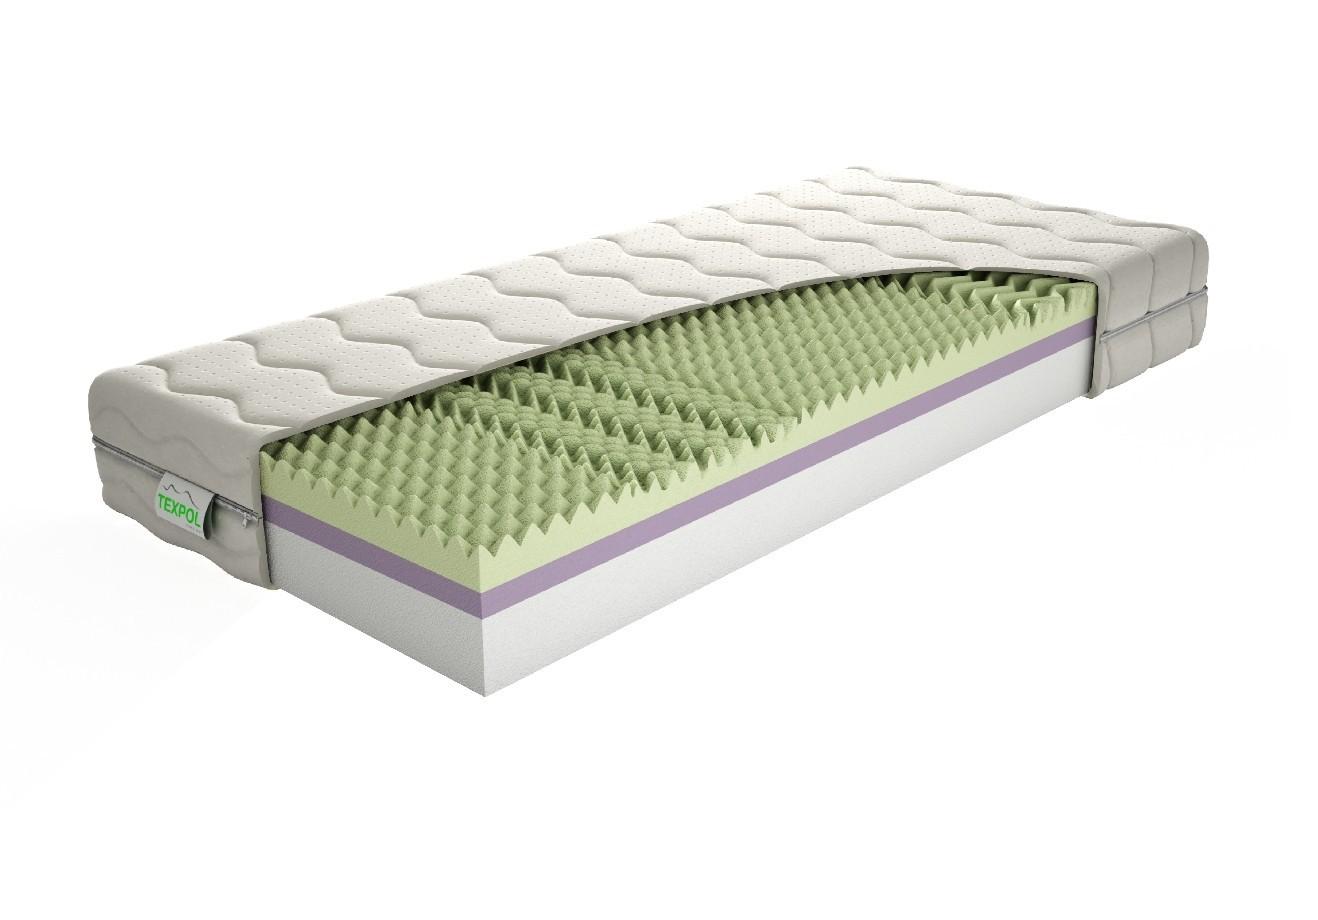 TEXPOL Sendvičová matrace ANETA - tvrdá oboustranná matrace 85 x 190 cm, snímatelný potah